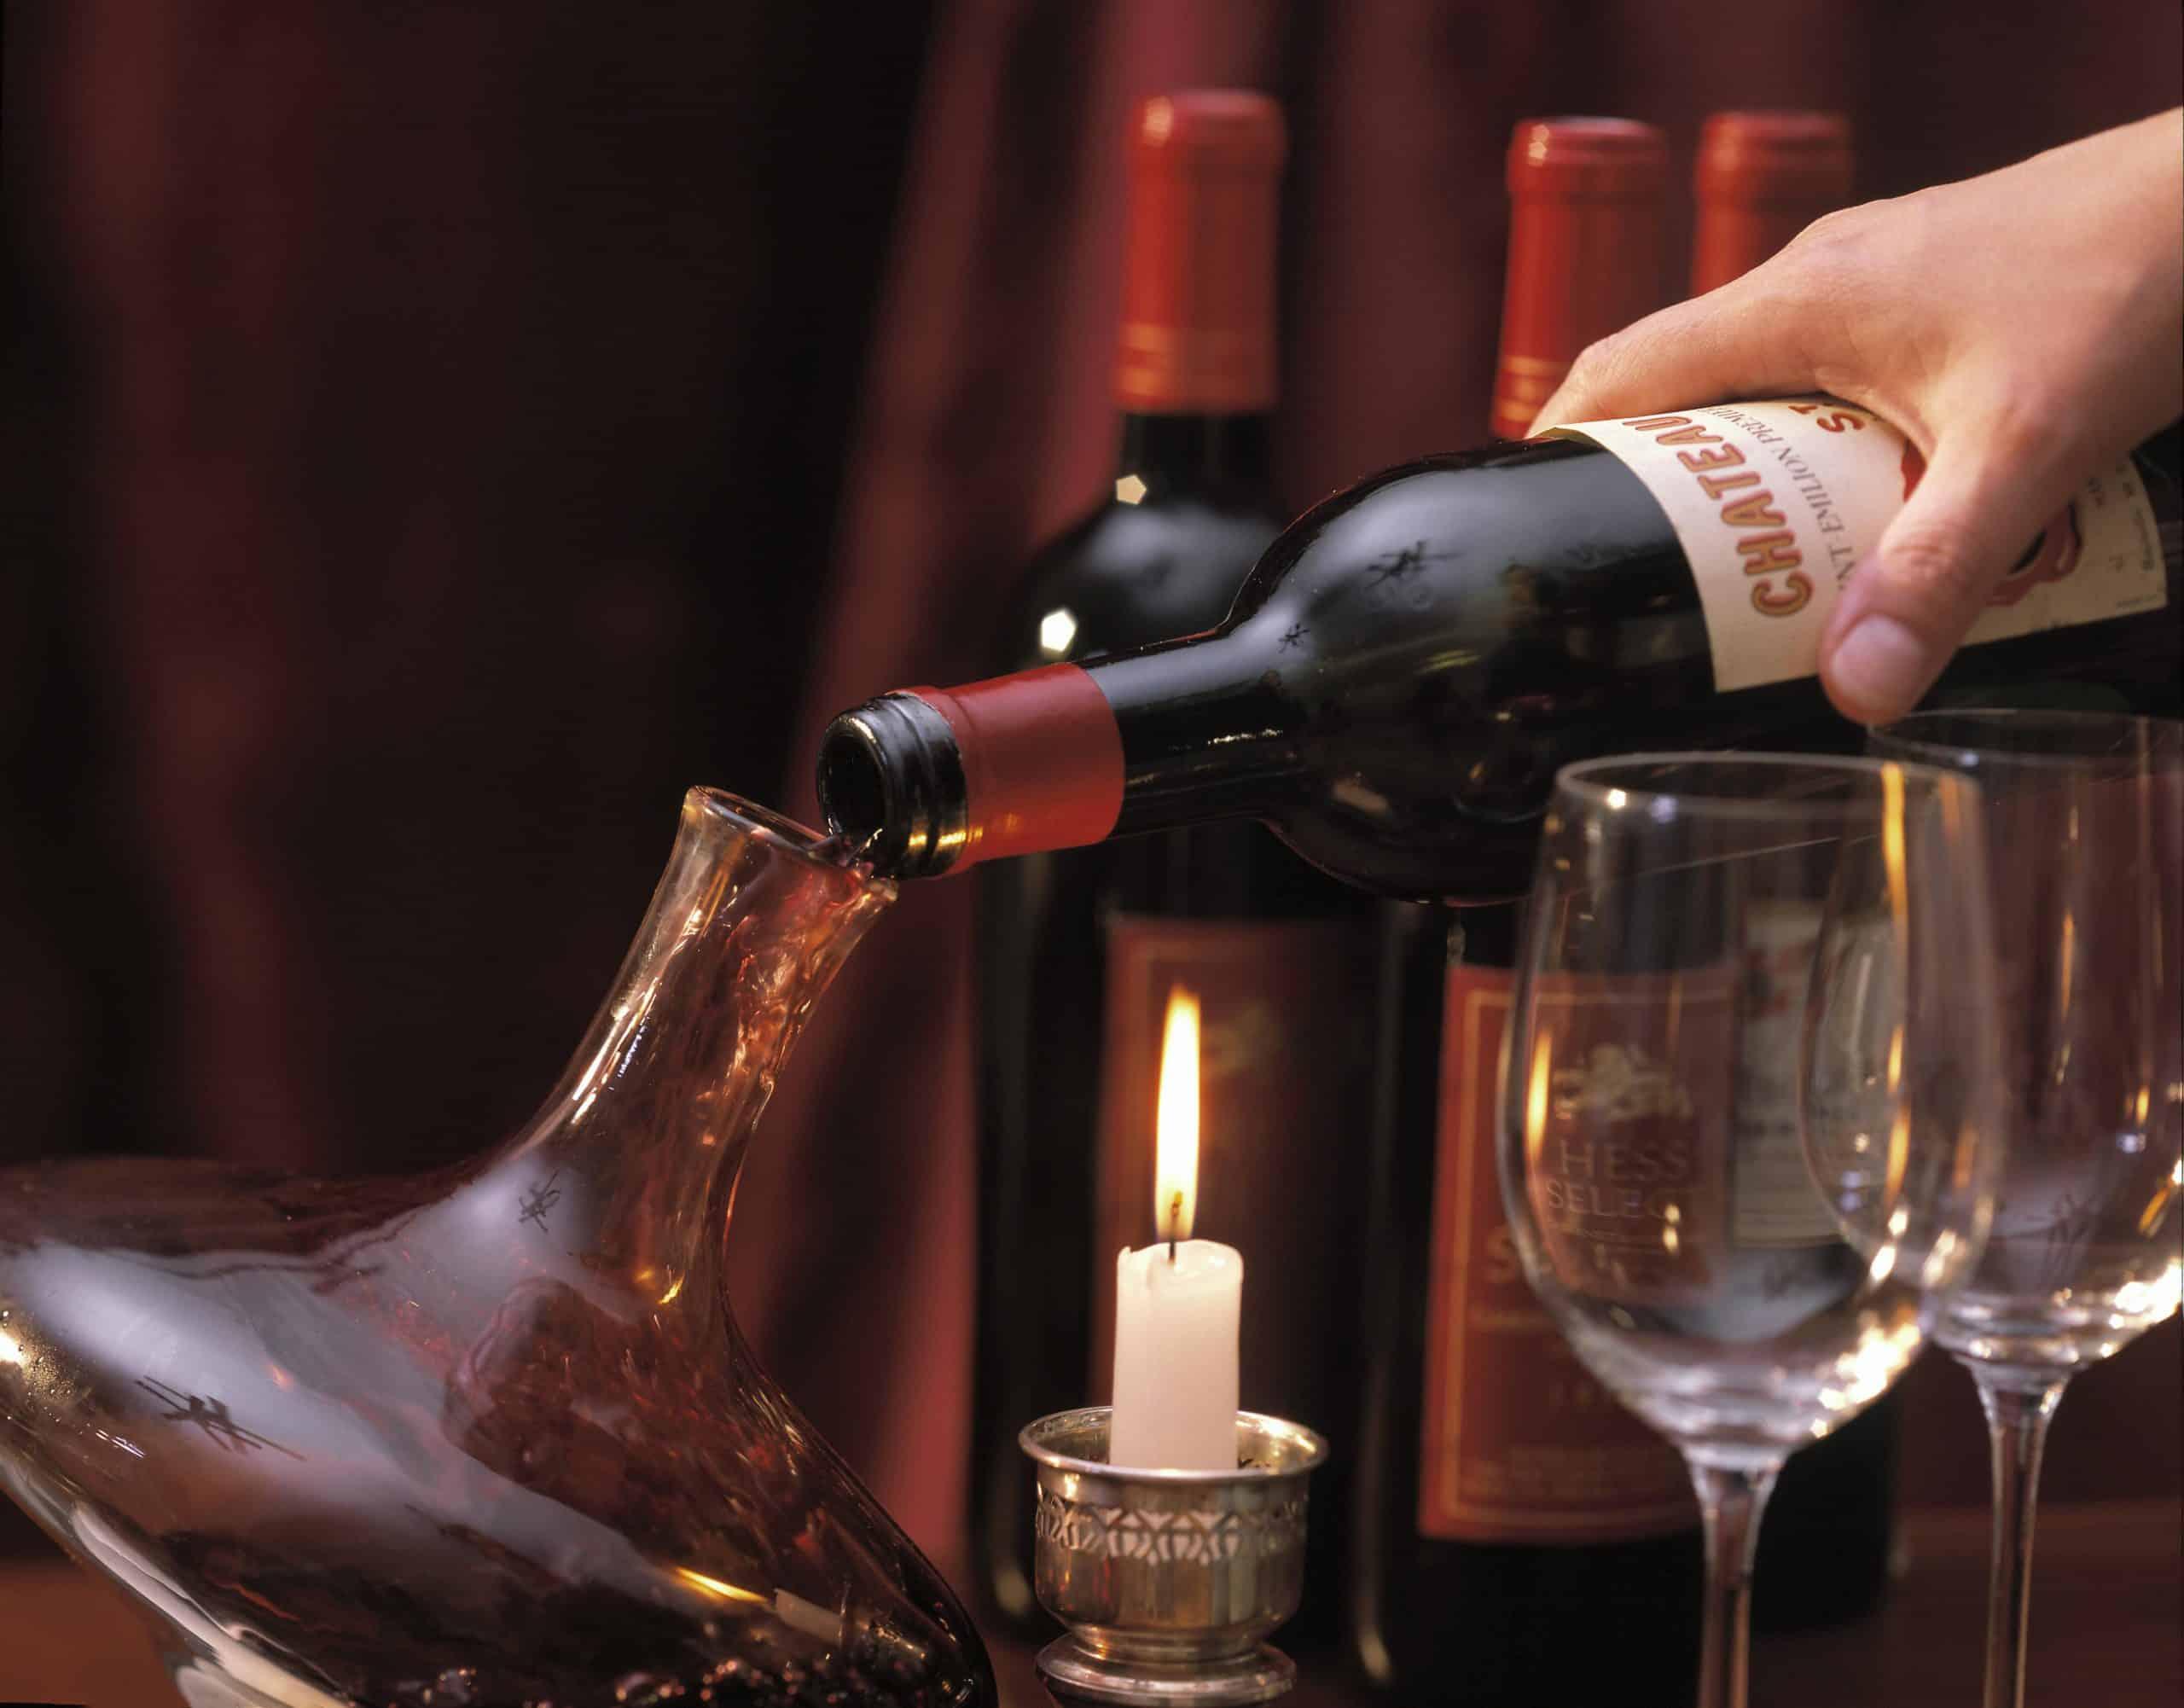 Decanting a bottle of Bordeaux